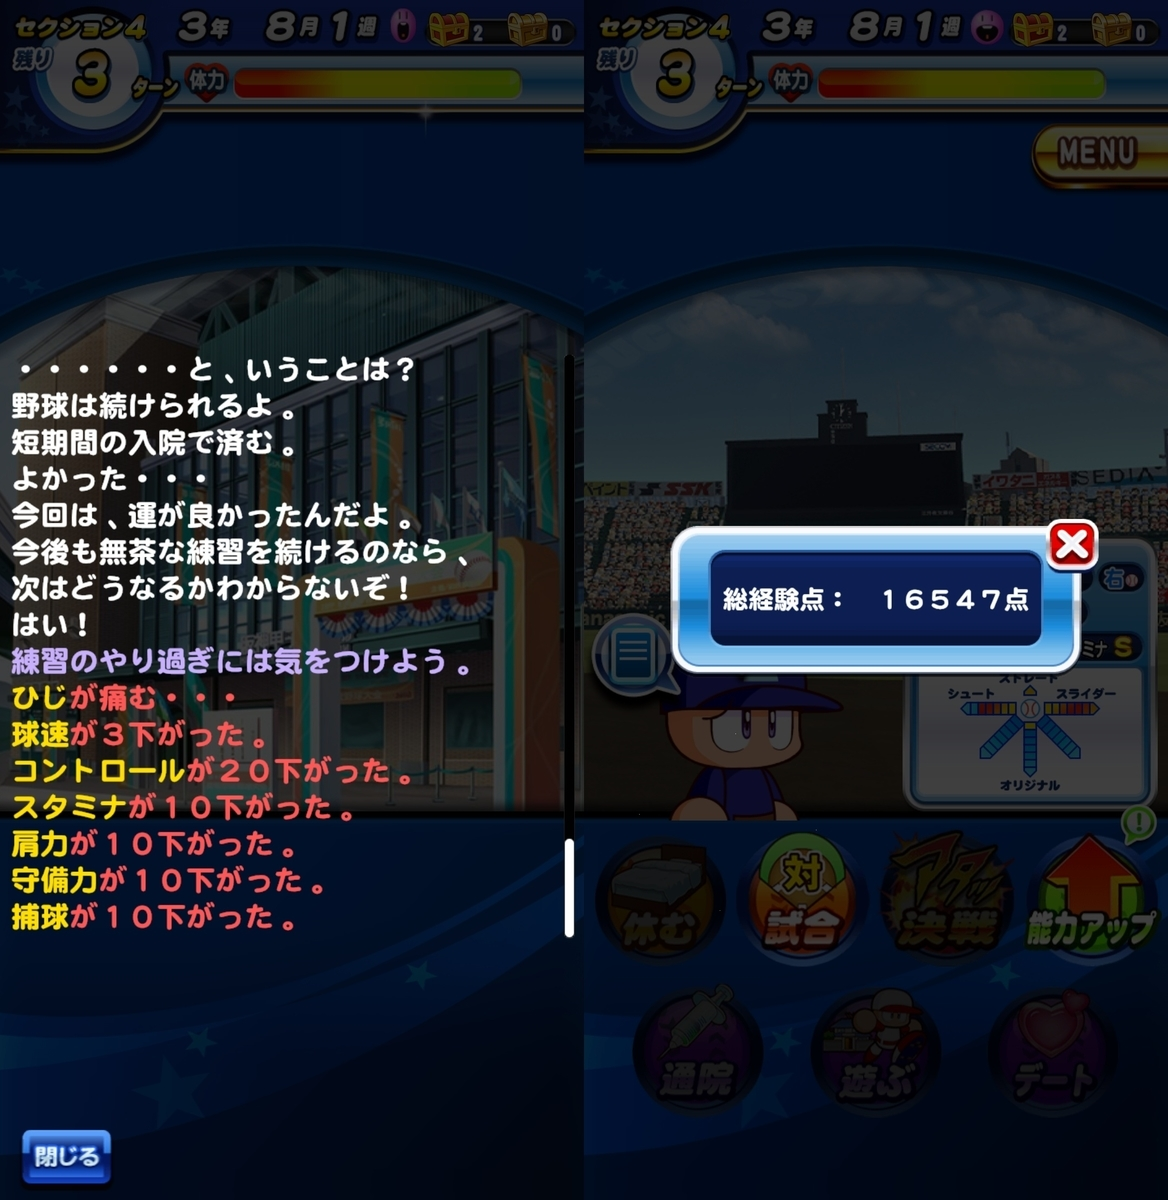 f:id:arimurasaji:20201106200327j:plain